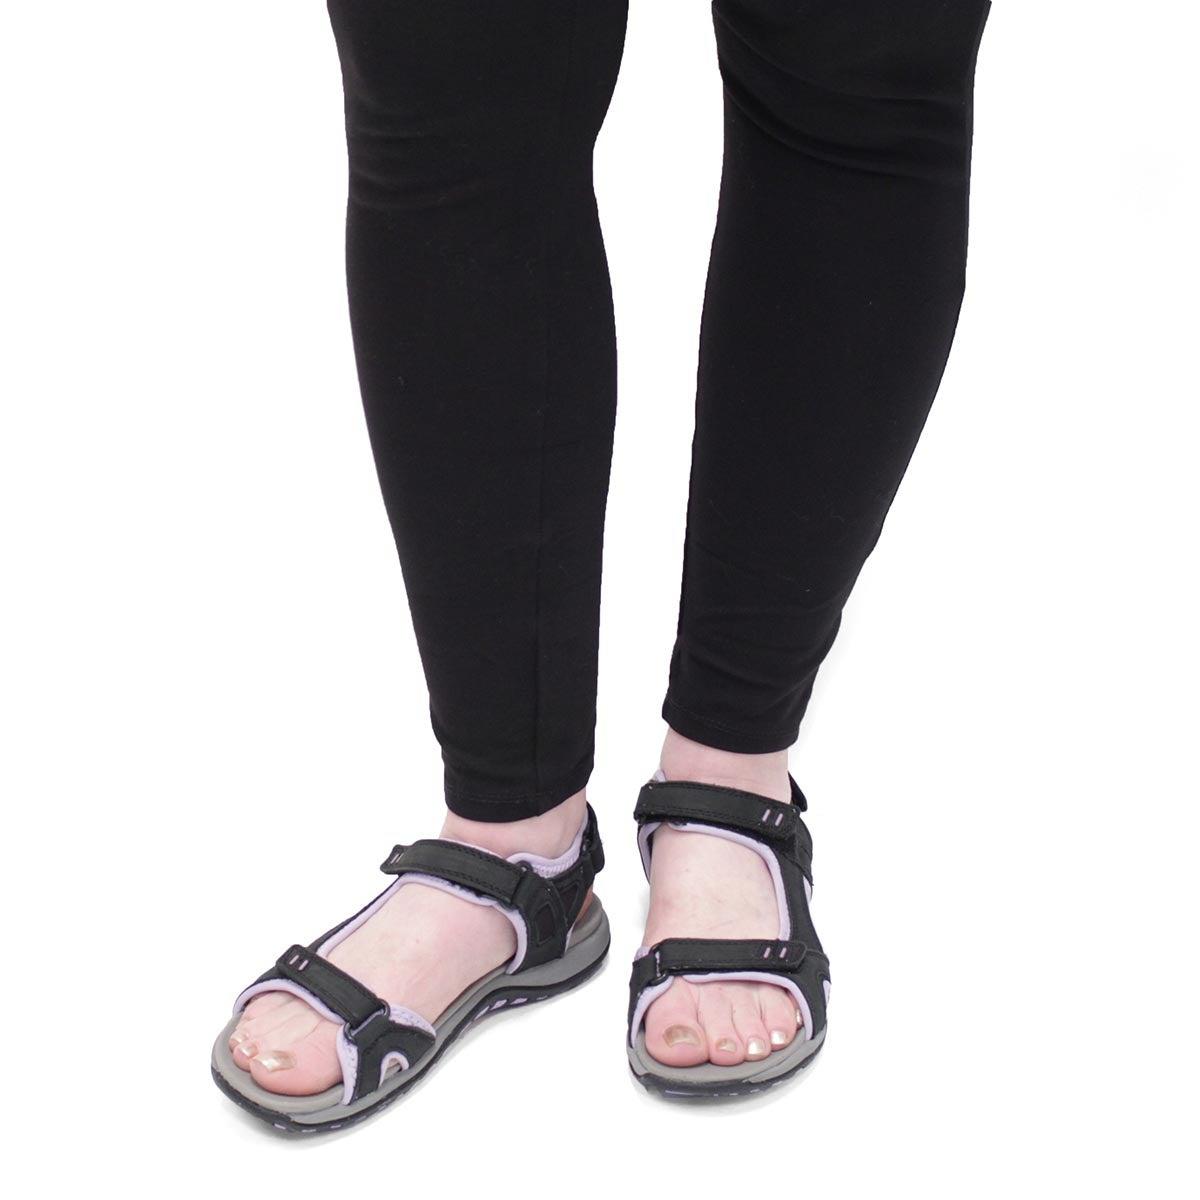 Lds Courtney 2 black 3 strap sport sndl